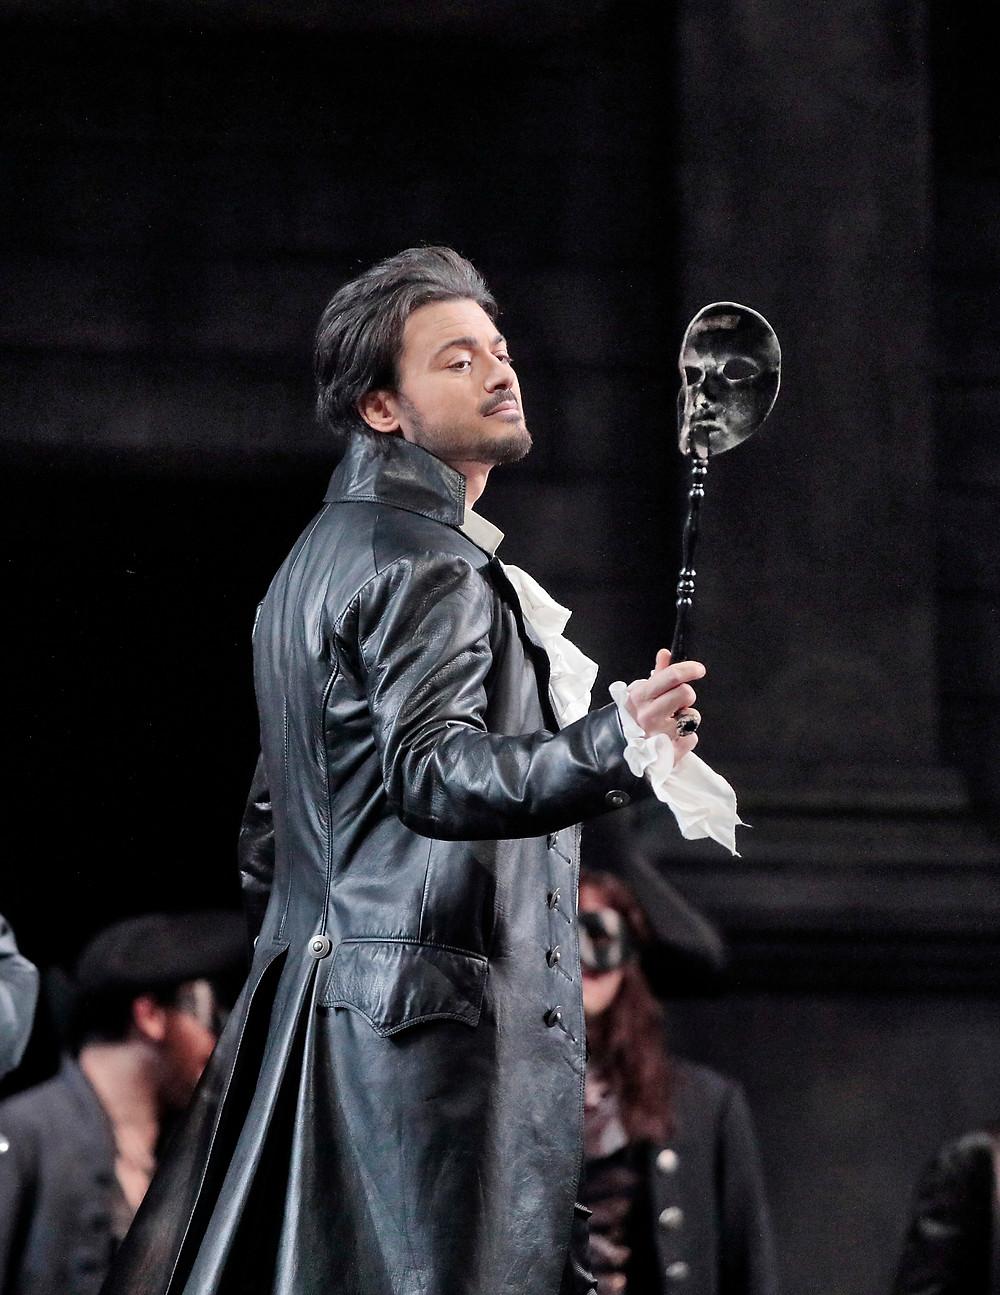 Romeo and Juliette Metropolitan Opera - The Culture News